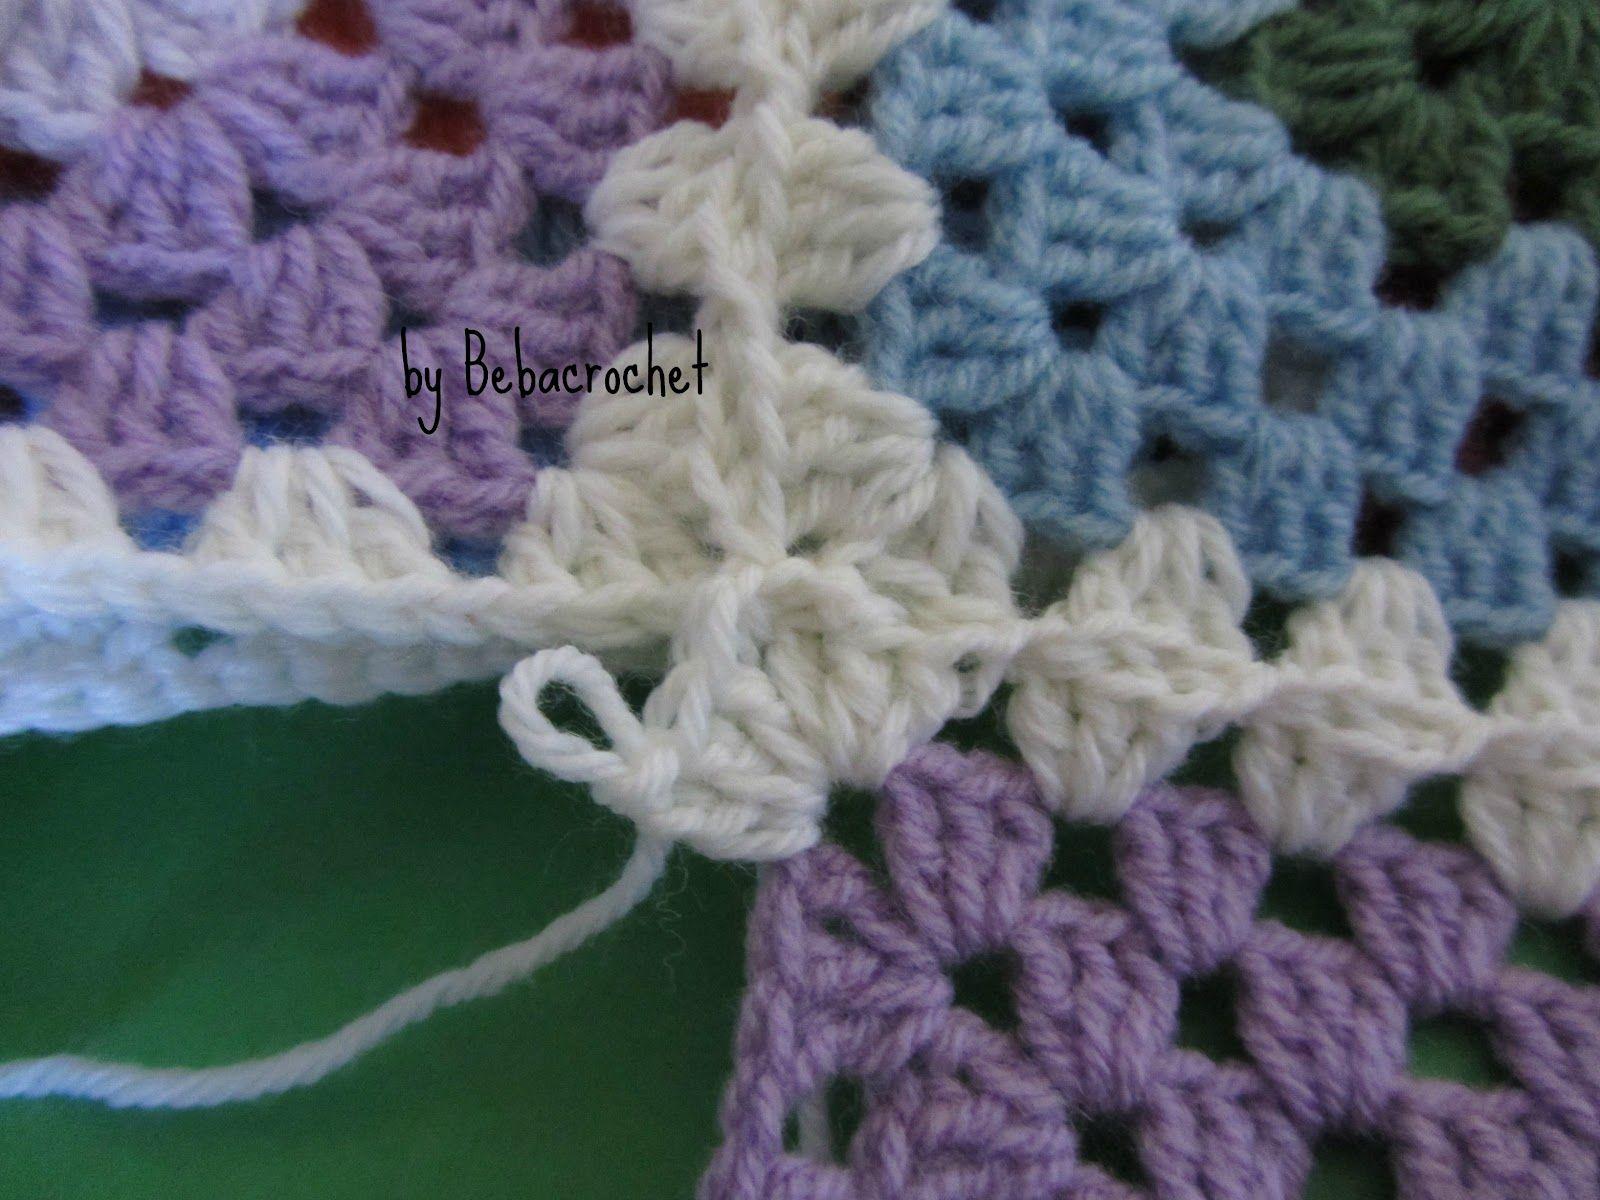 Tutorial come unire le granny o piastrelle alluncinetto crochet